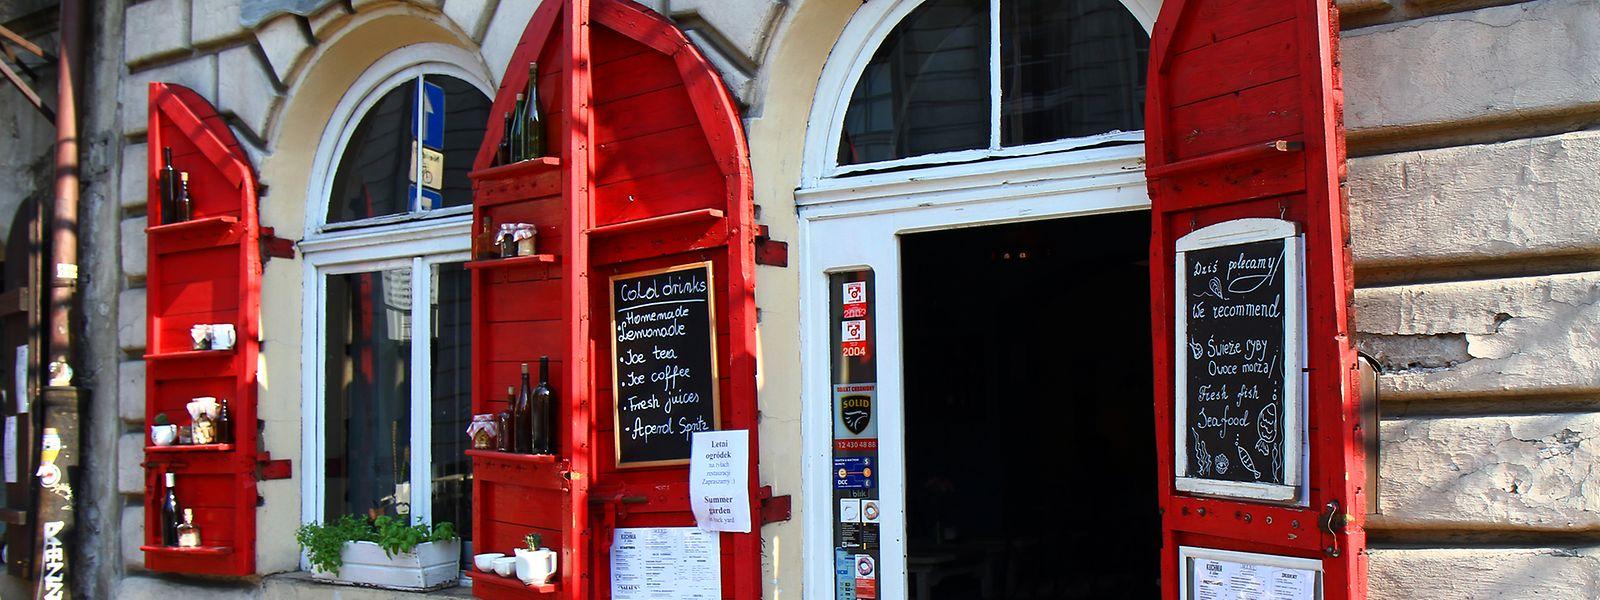 Kazimierz hat ein pulsierendes Leben mit Ladenlokalen und Bars zu bieten, in denen Klezmermusik nicht fehlen darf.